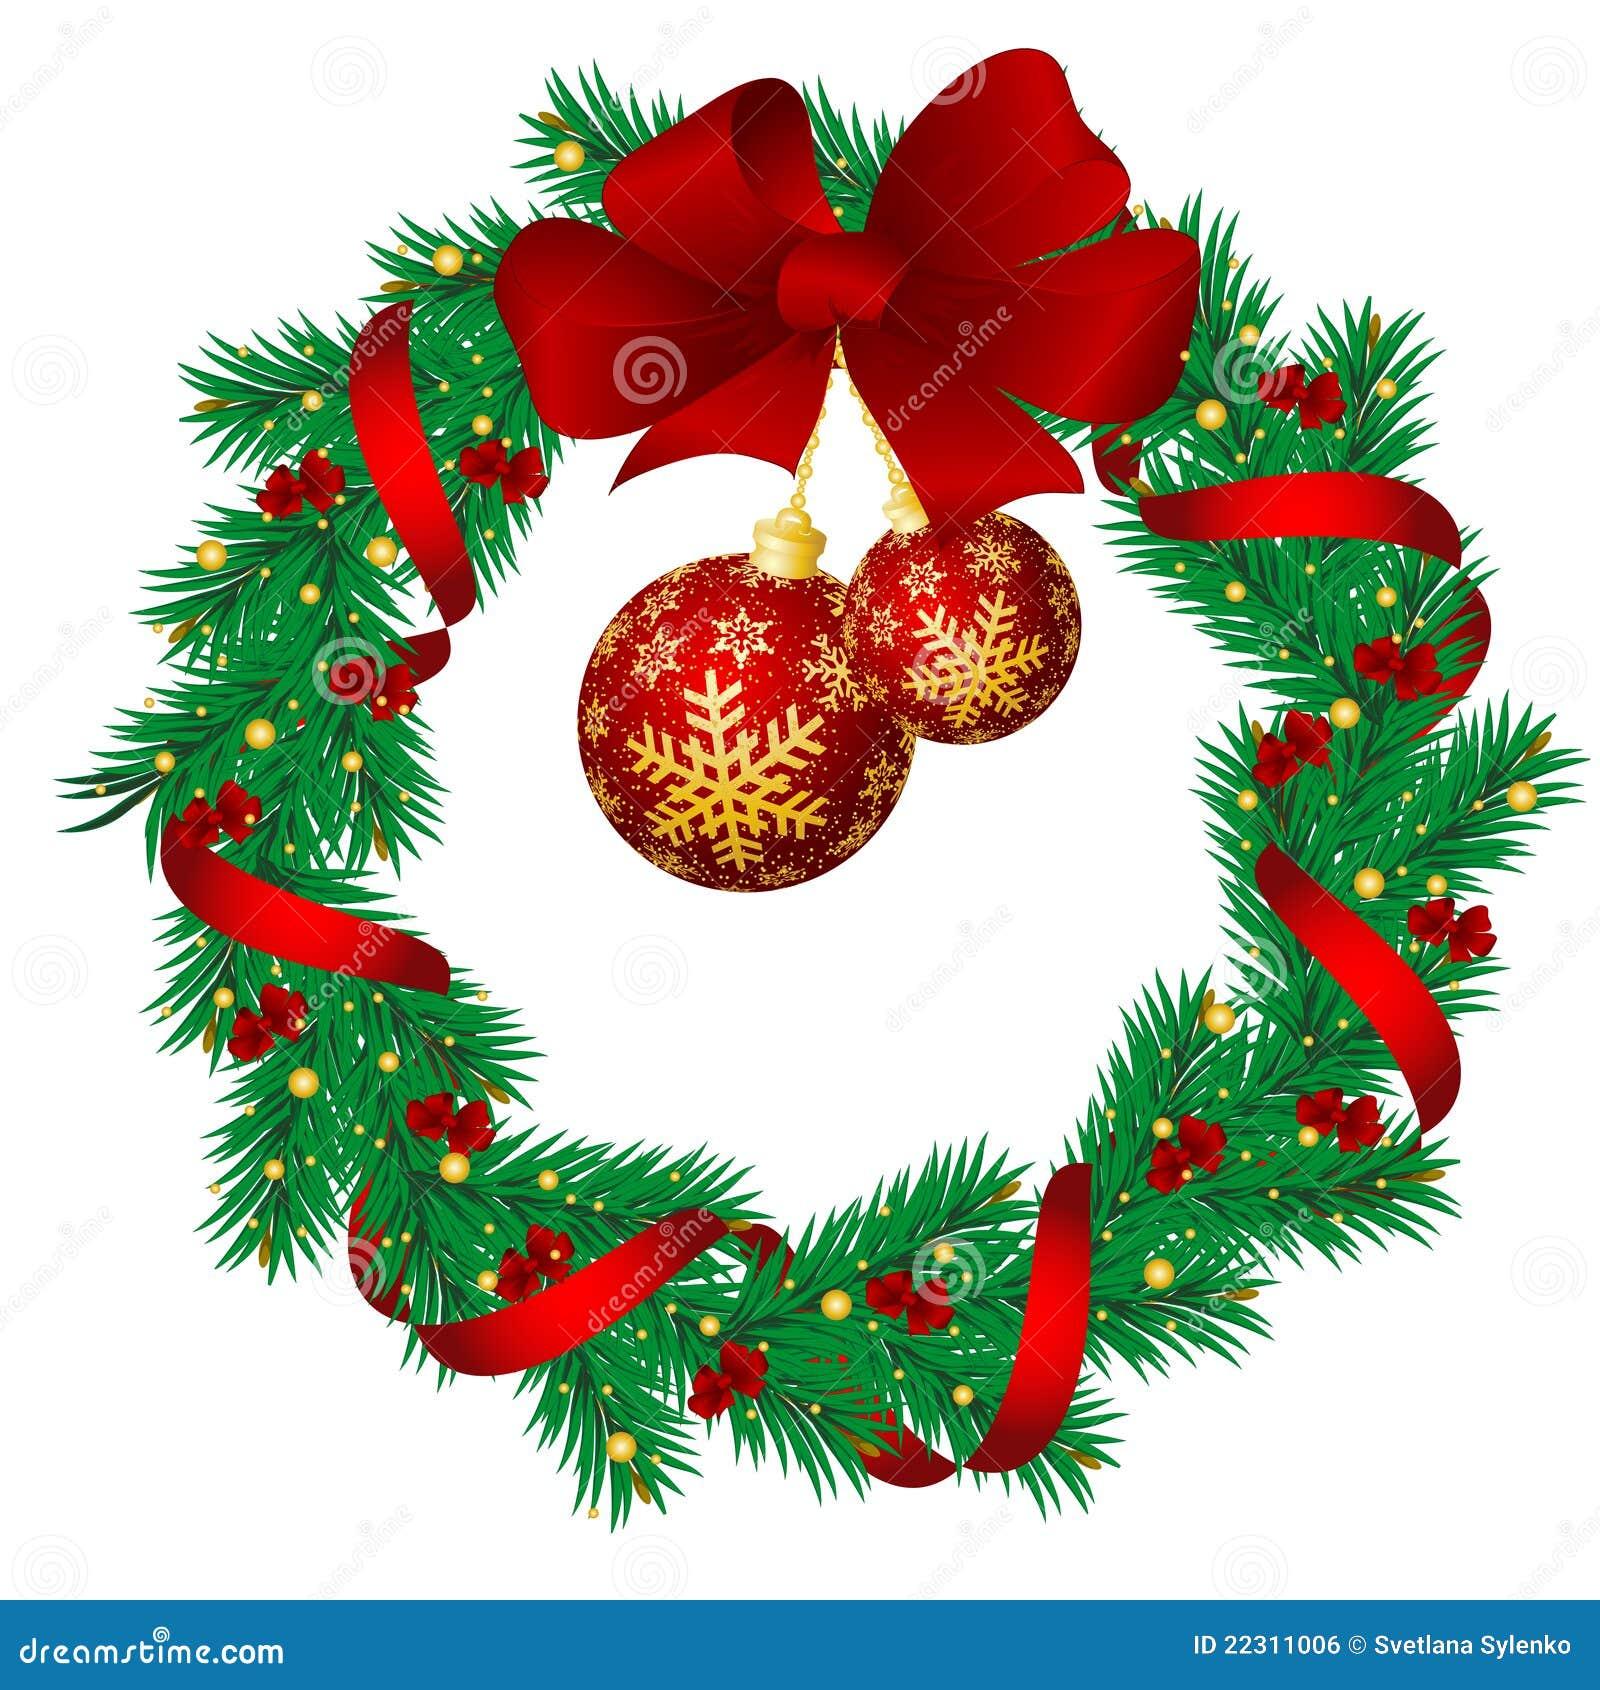 Immagini Di Ghirlande Di Natale.Ghirlande Di Natale Illustrazione Vettoriale Illustrazione Di Dicembre 22311006